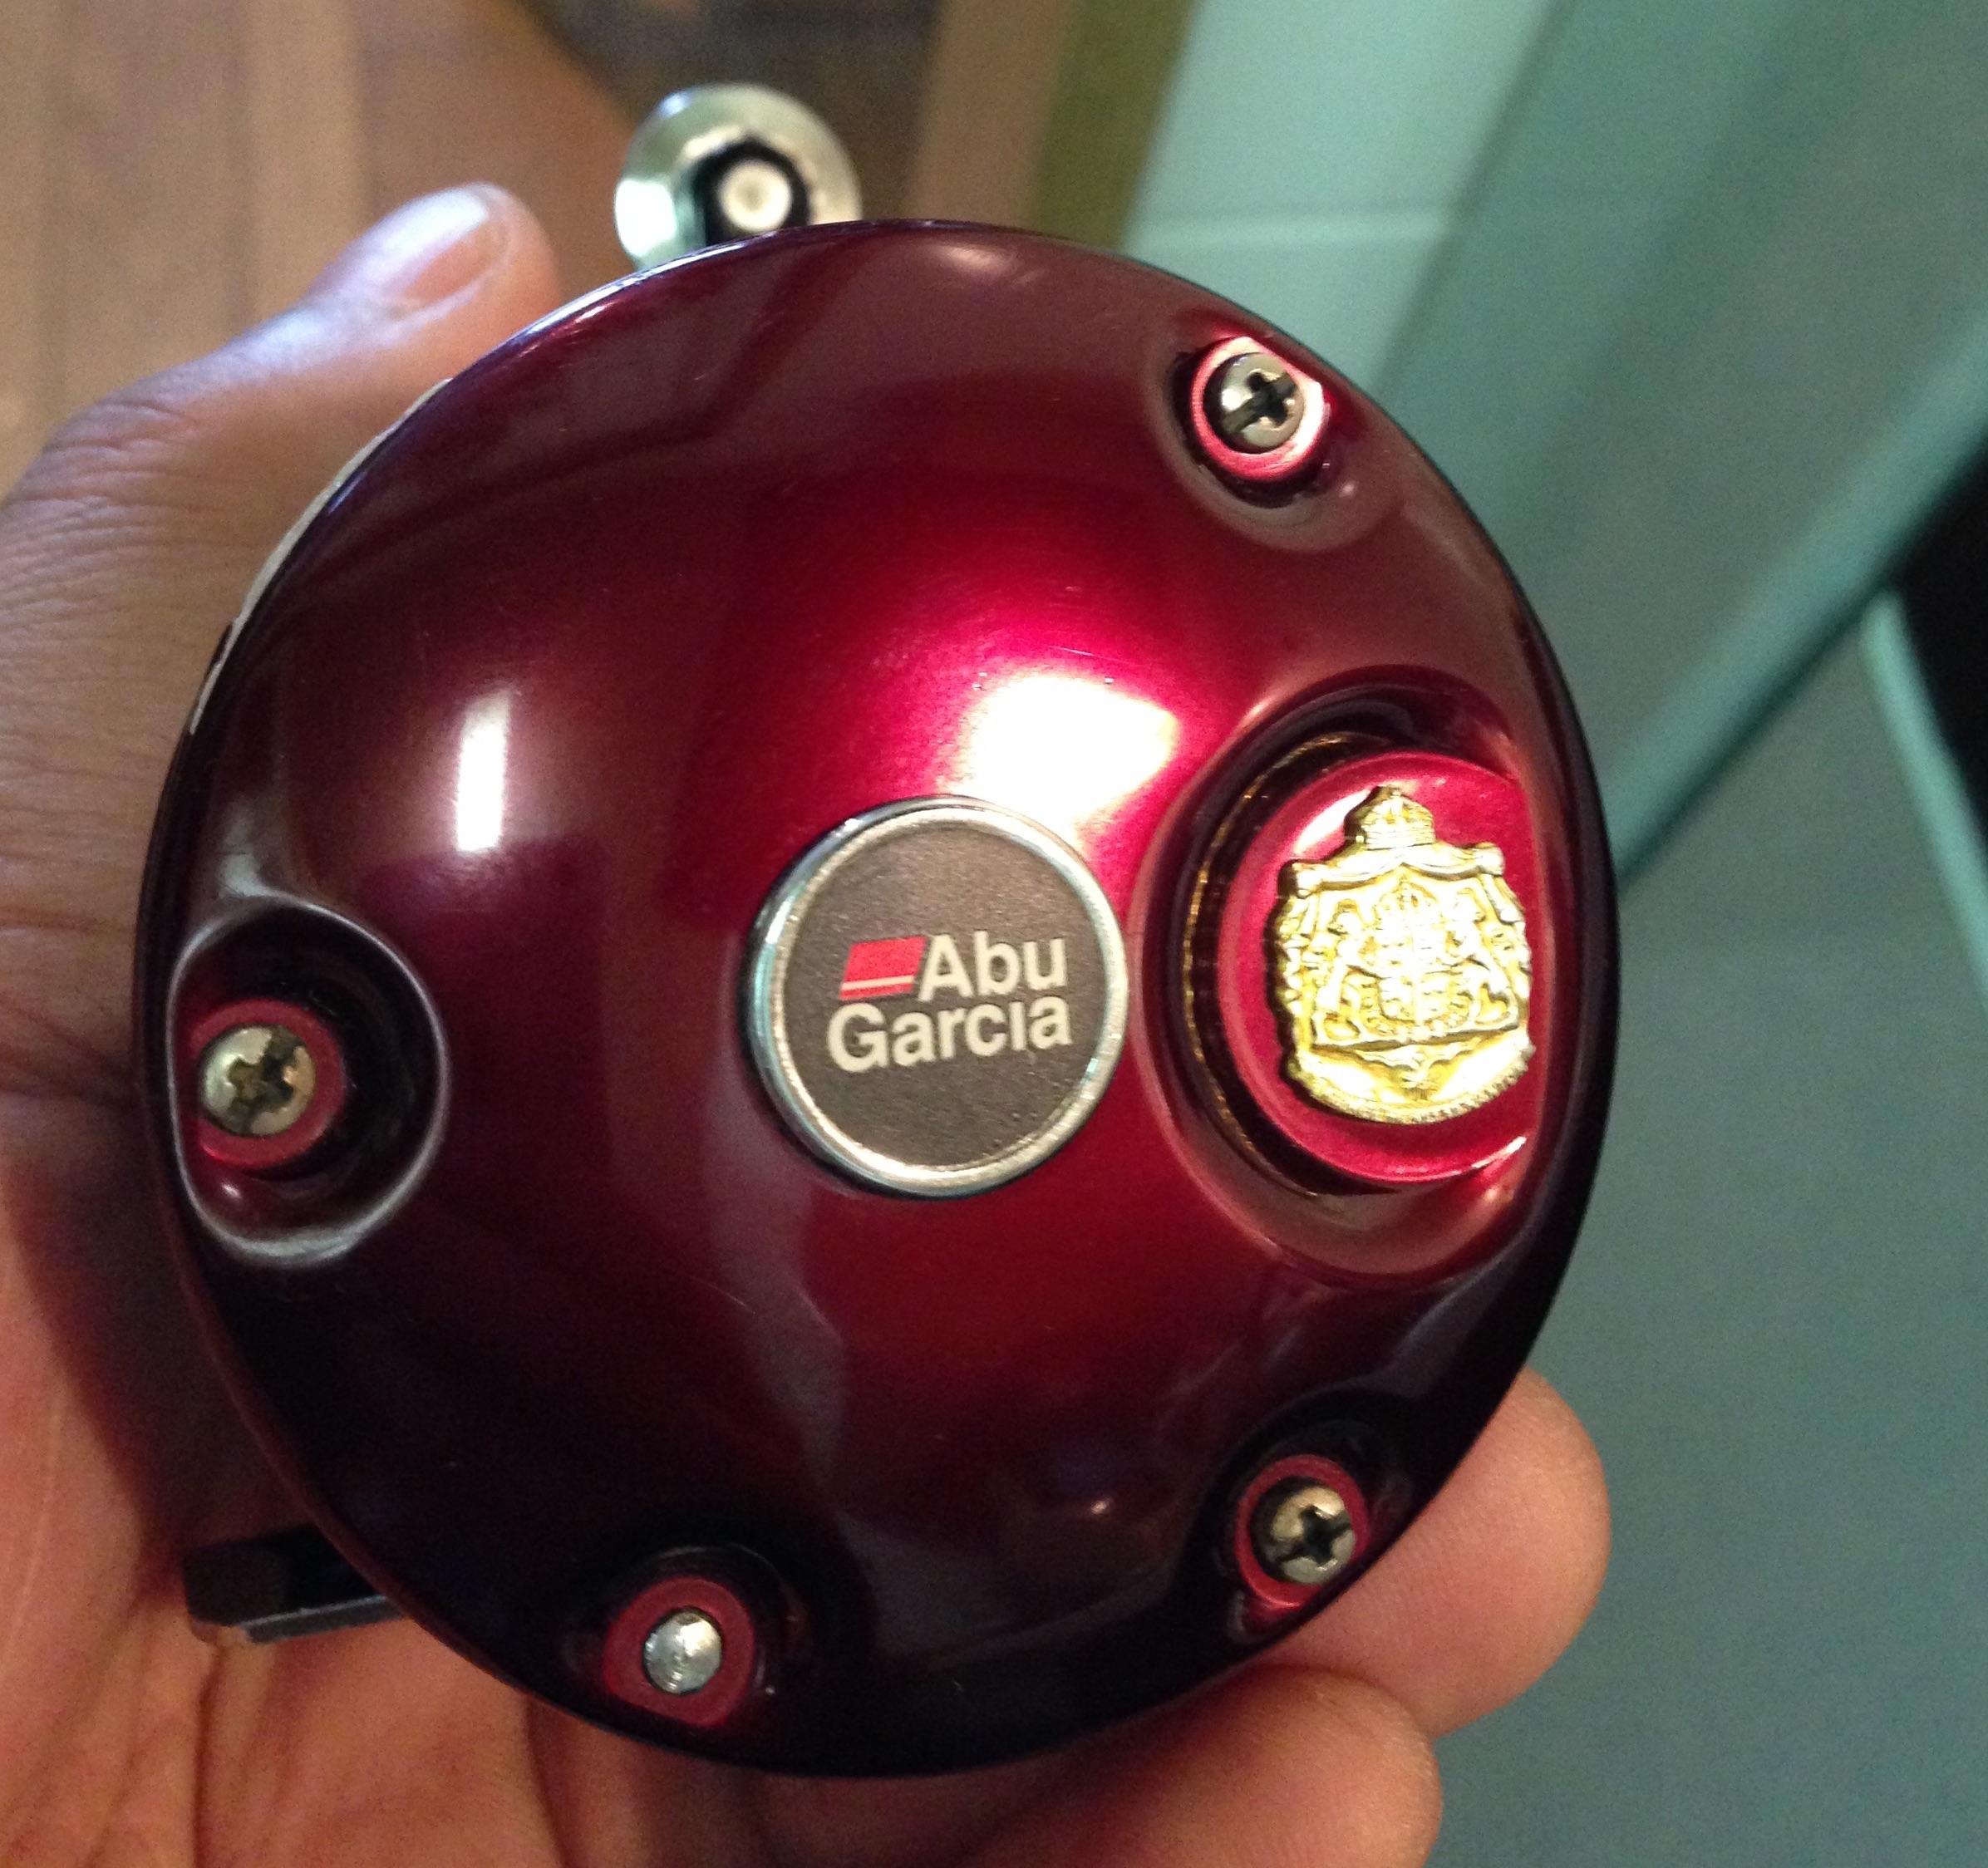 abu6501c3